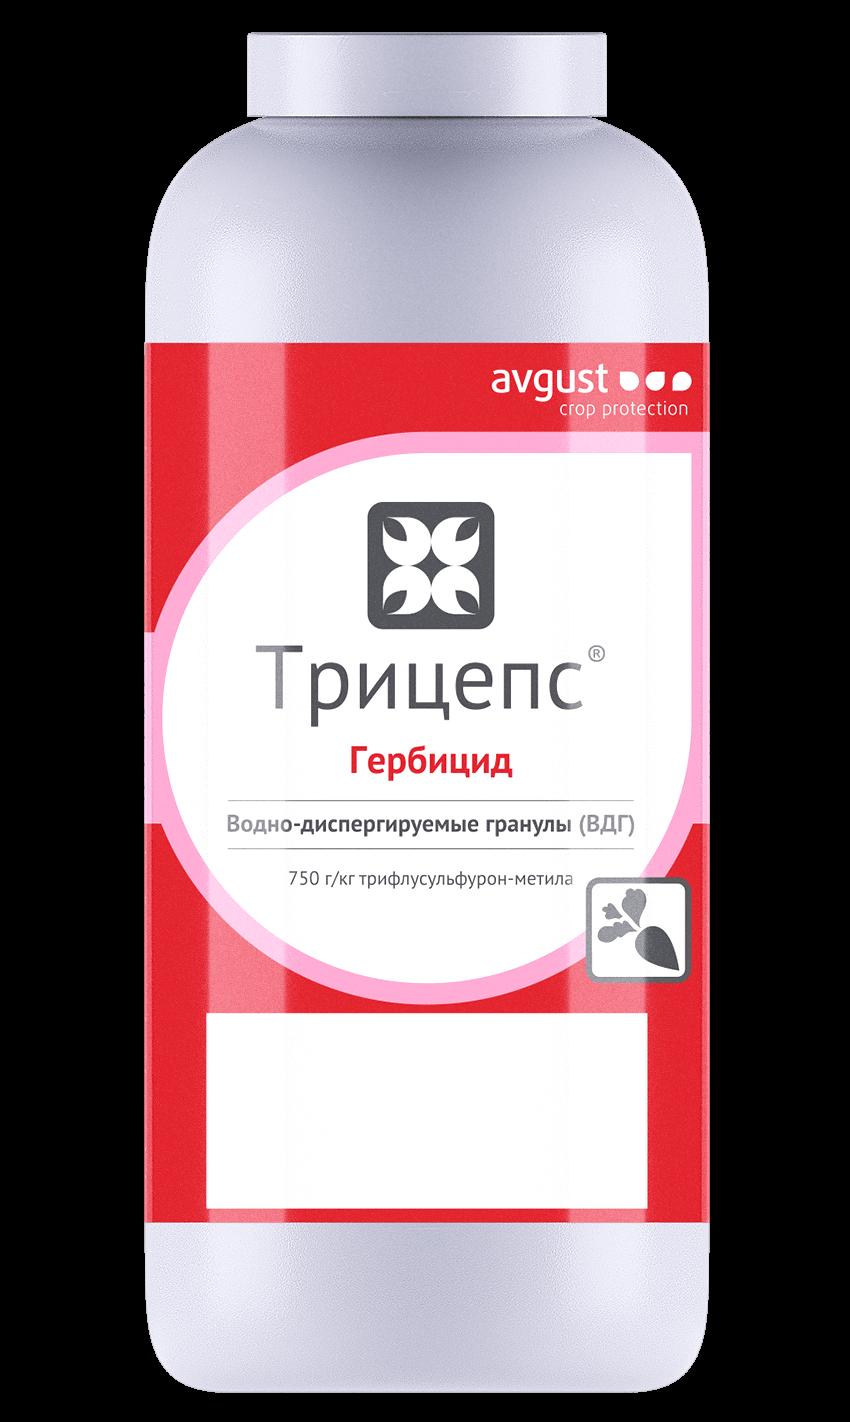 Трицепс, ВДГ гербицид трифлусульфурон-метил